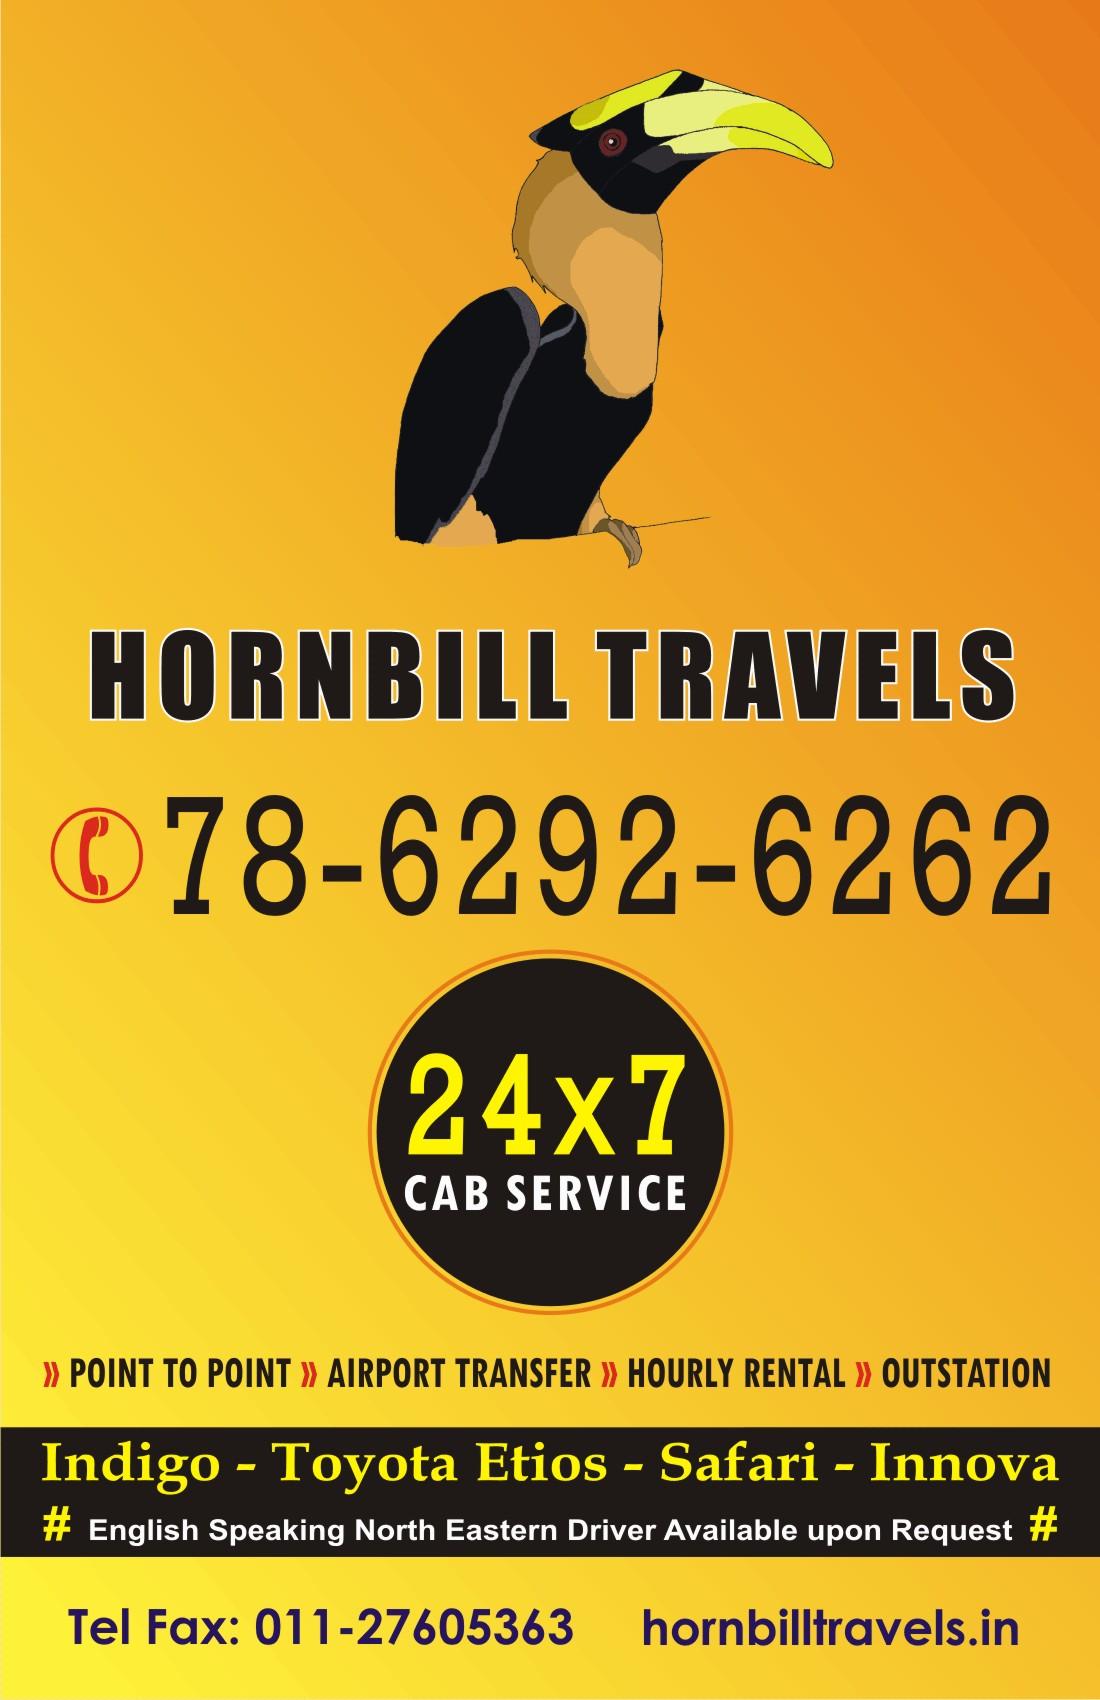 Hornbill Travels